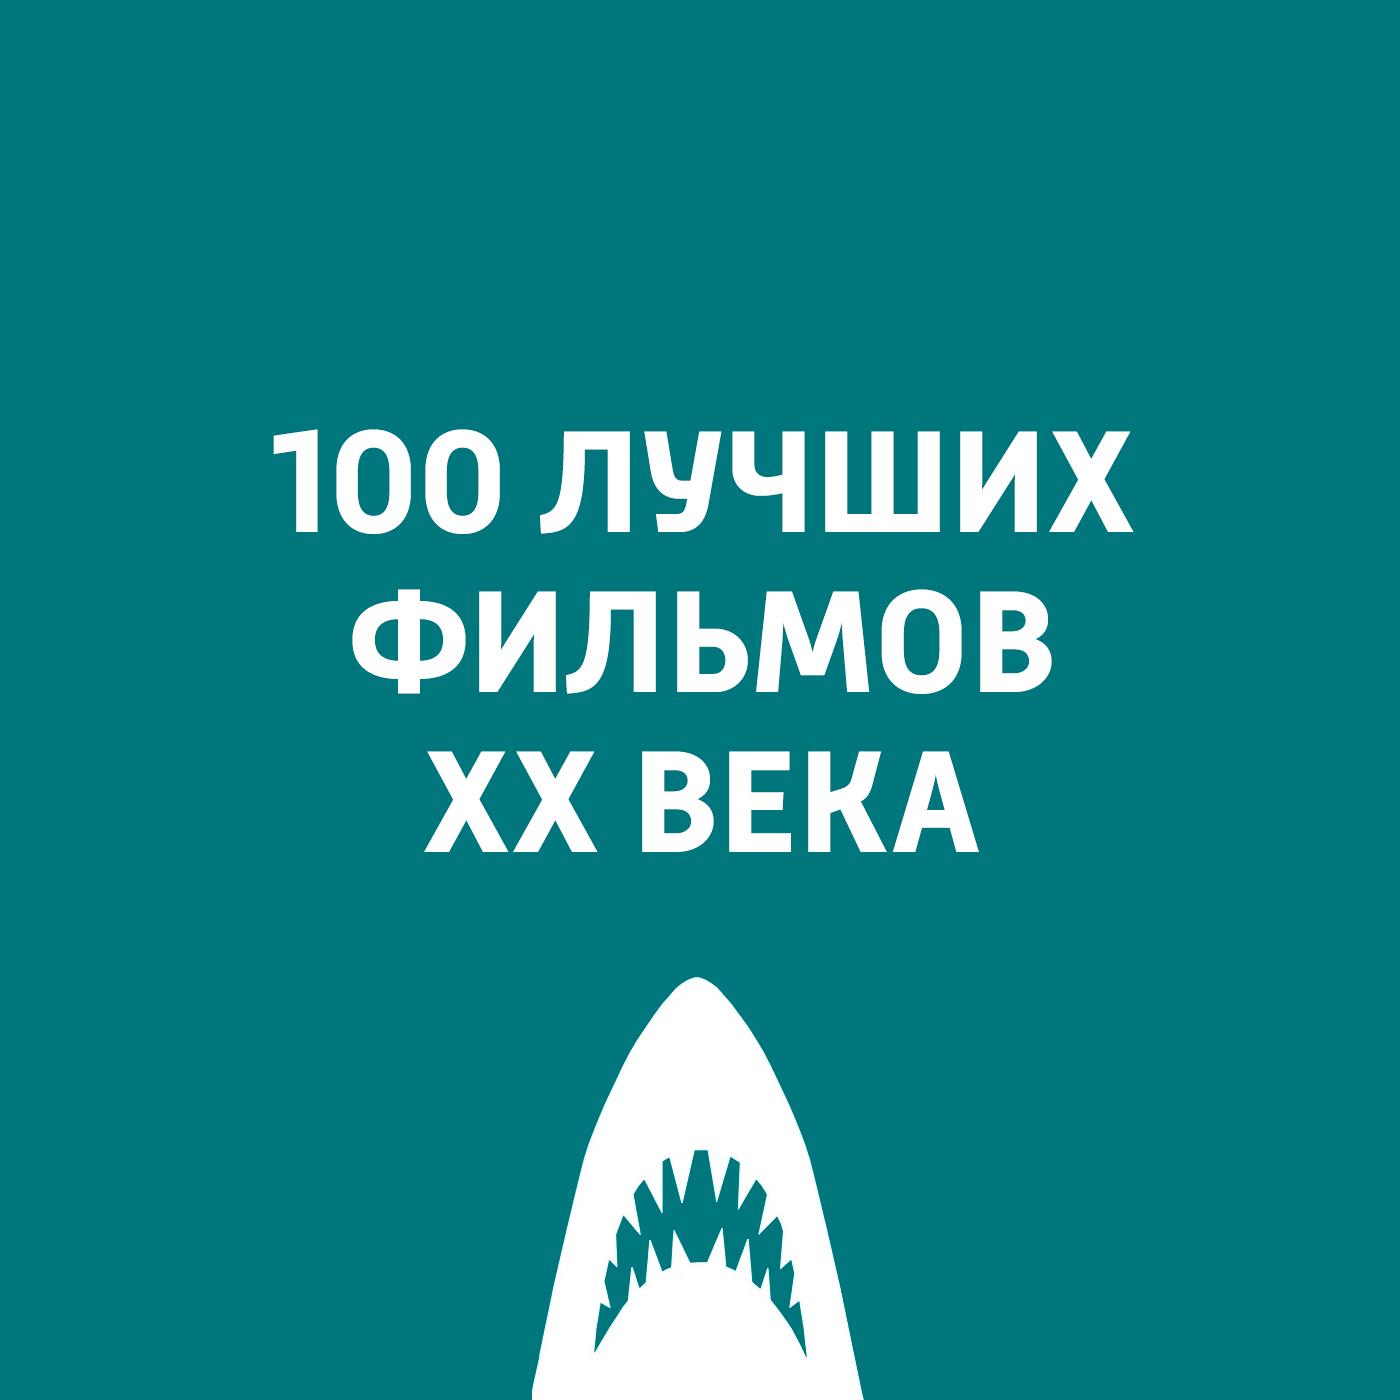 Антон Долин Иван Грозный